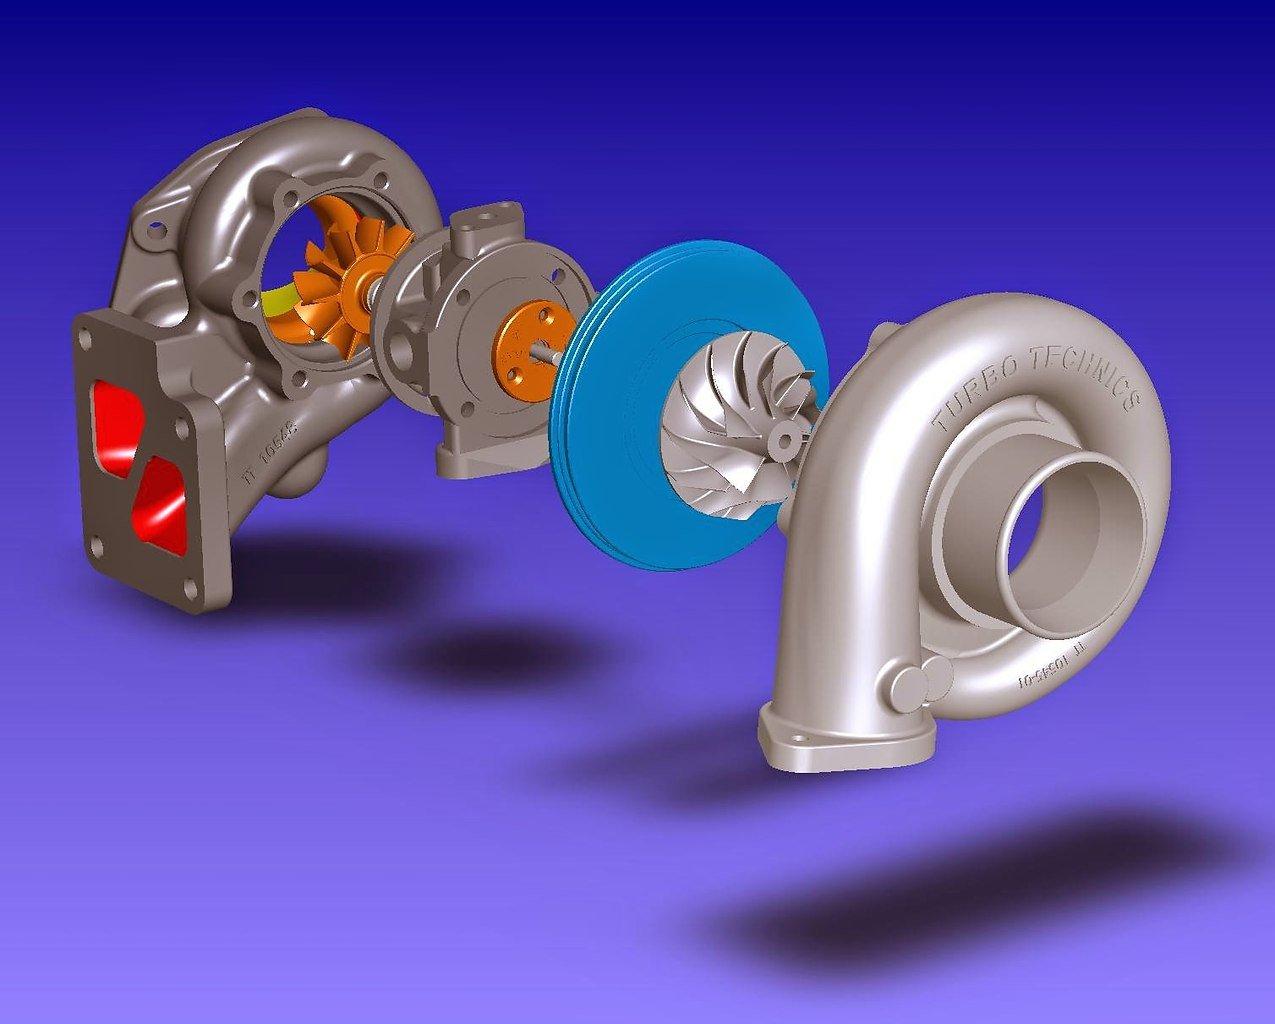 поделитесь фото турбины низкого давления на ременном приводе результате